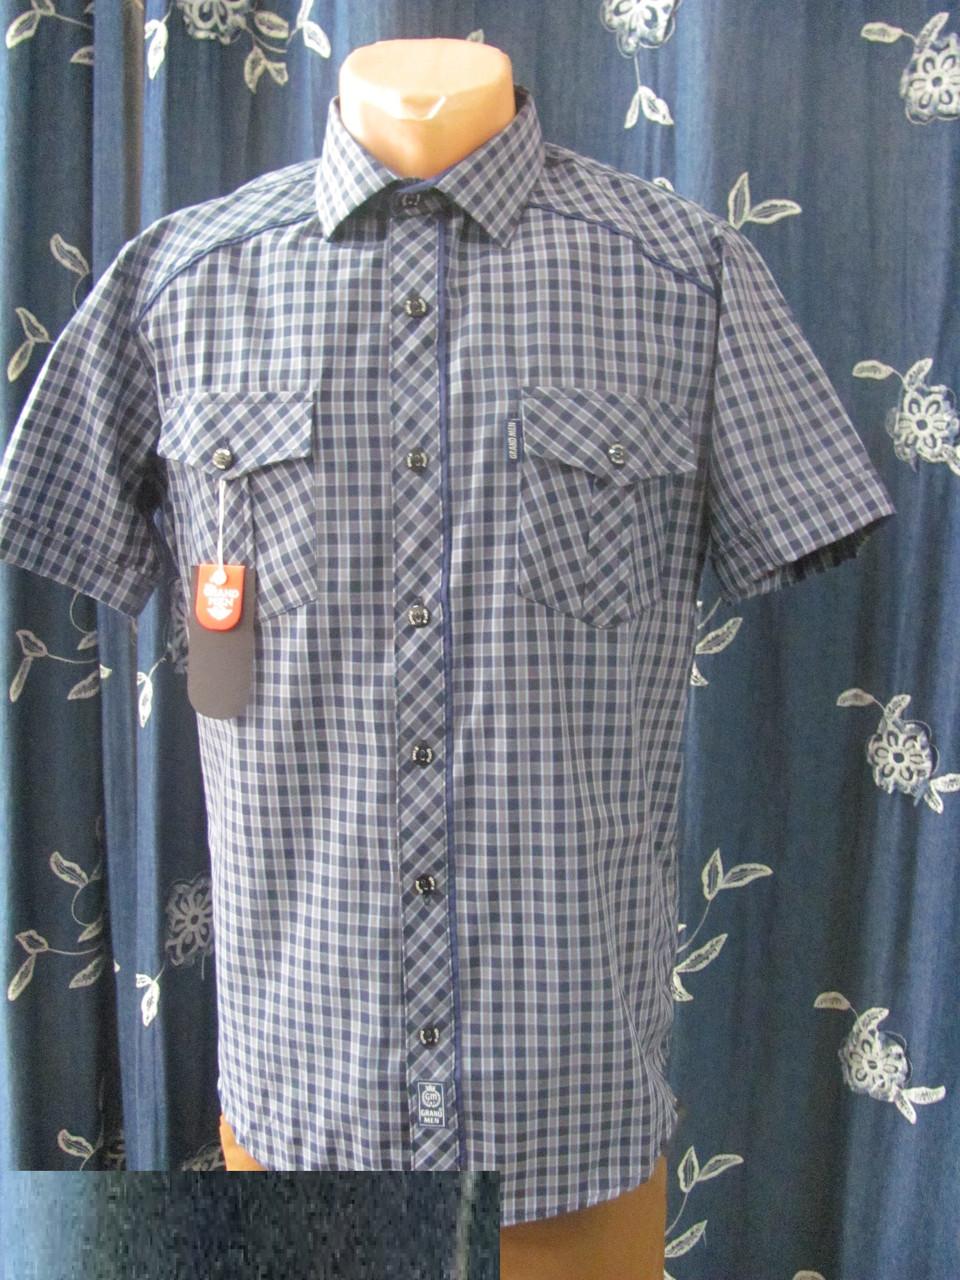 17165267ec68fbe Рубашка мужская летняя в мелкую клетку, с двумя нагрудными карманами,  прекрасно носится, р